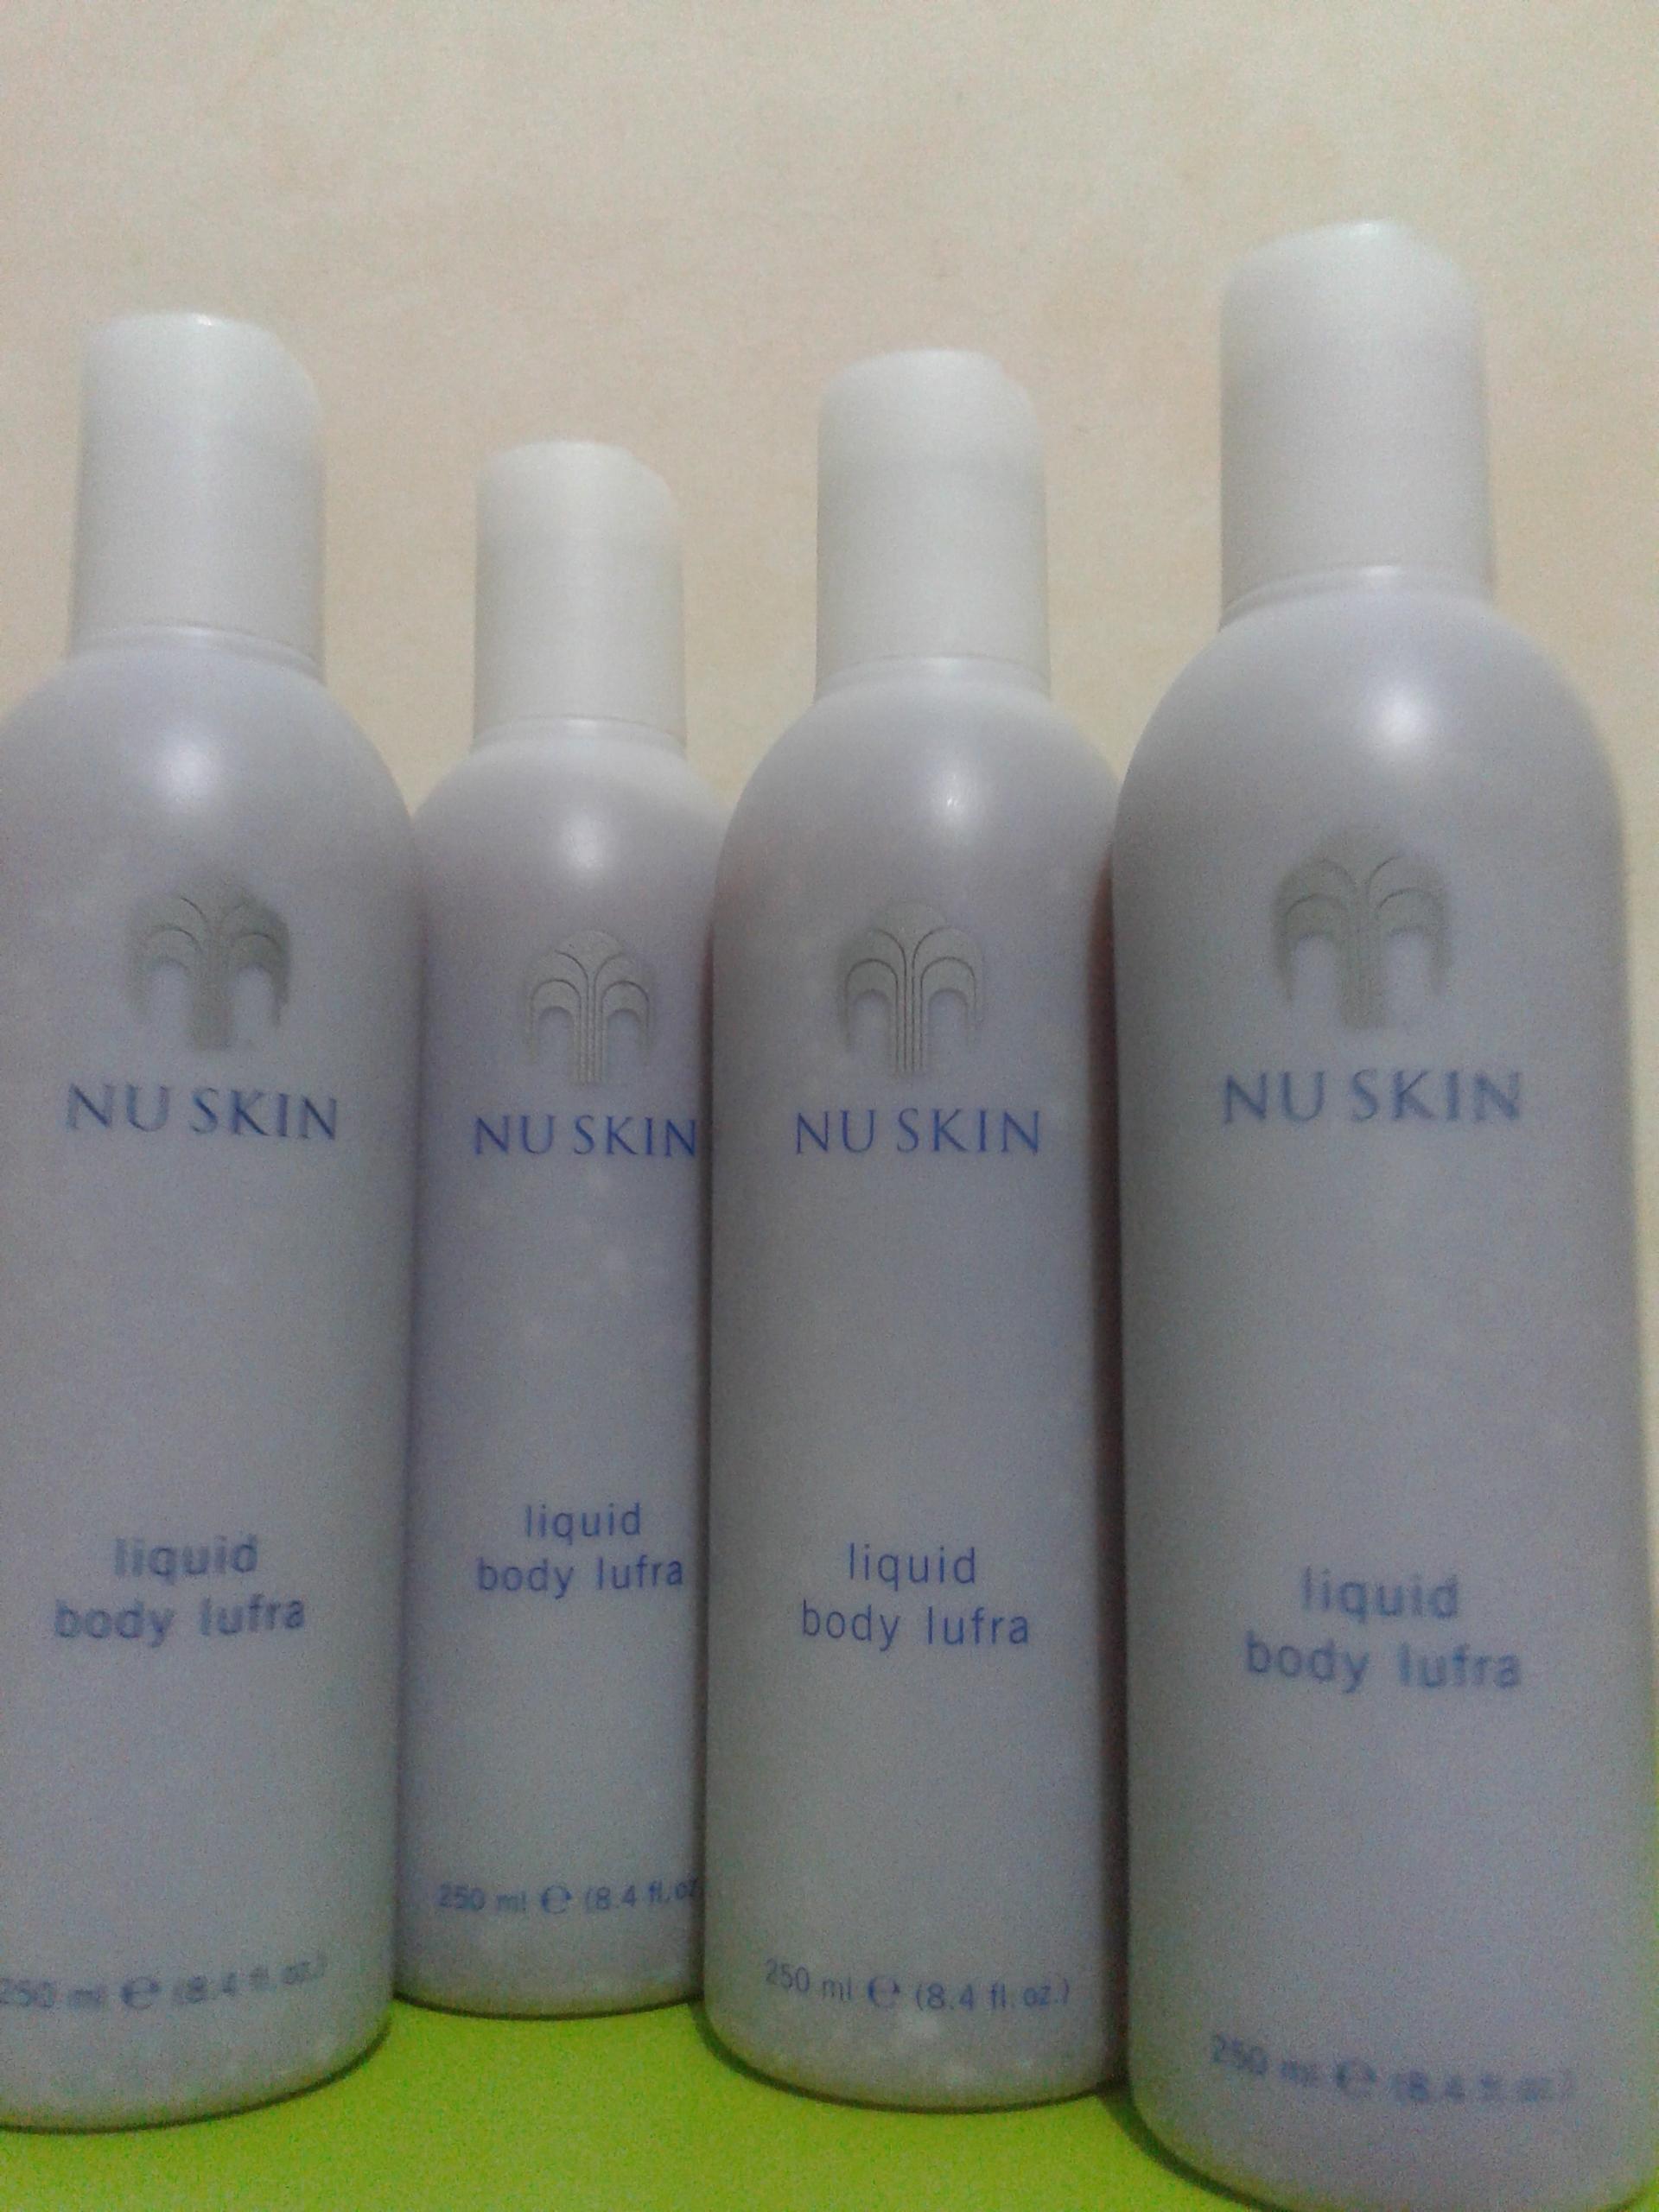 Jual Sabun Cair Scrub 250ml Dhafin Line Tokopedia Liquid Body Lufra